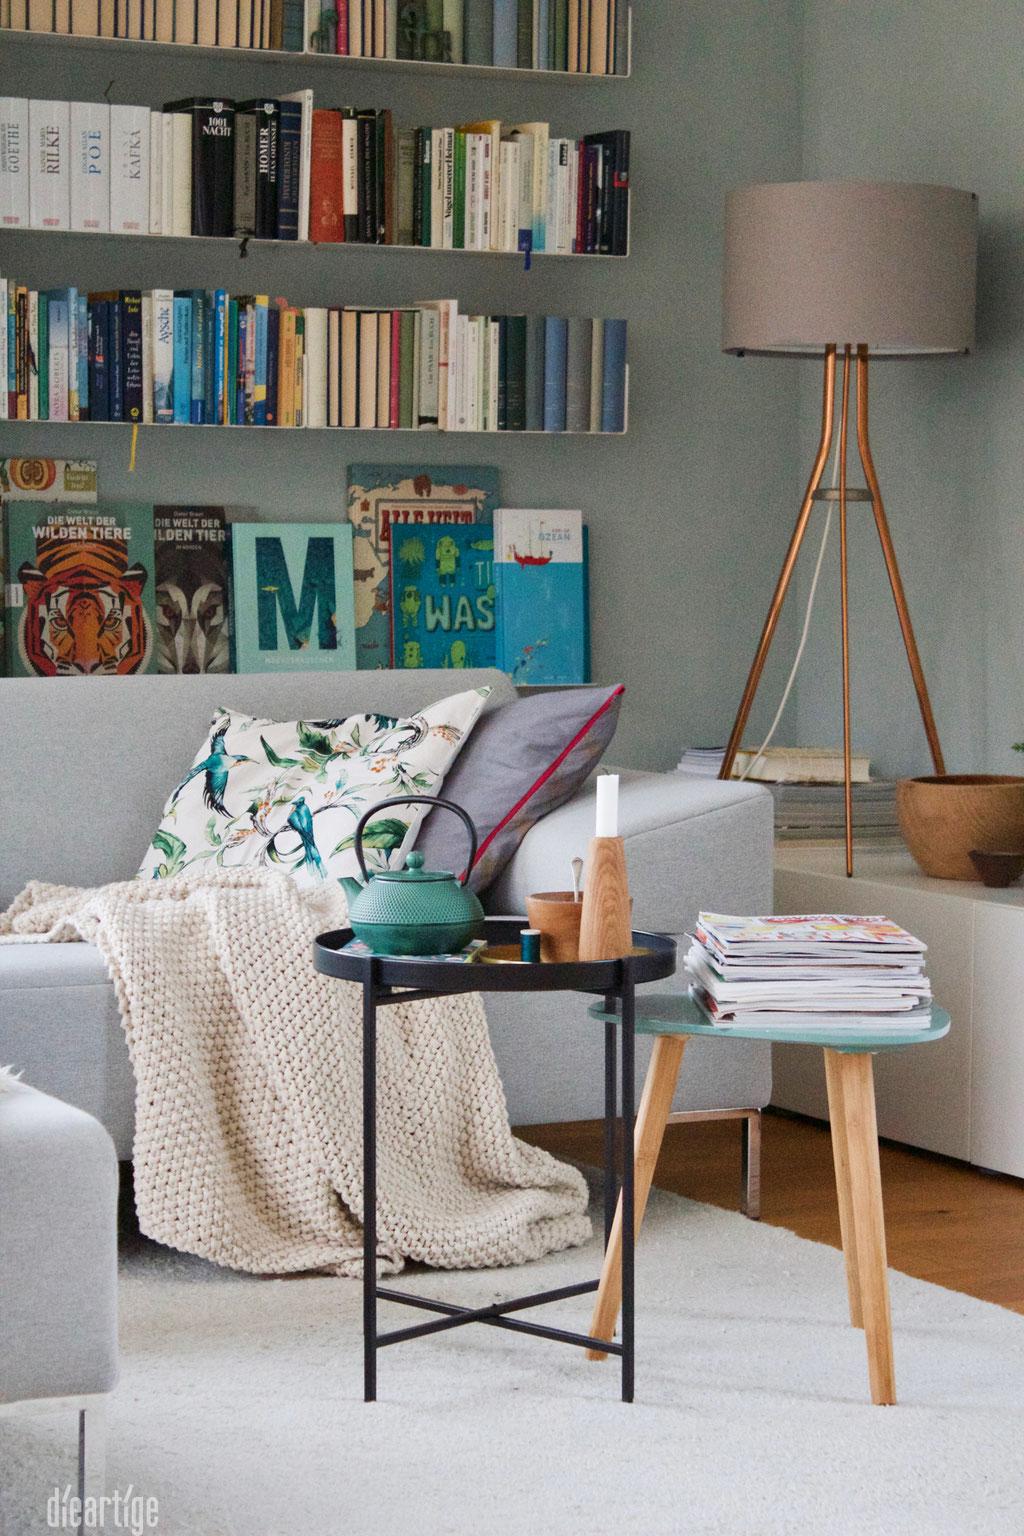 dieartigeBLOG - Wandfarbe Salbei im Wohnzimmer, passend zum Bücherregal, Beistelltisch + Teekanne ;)